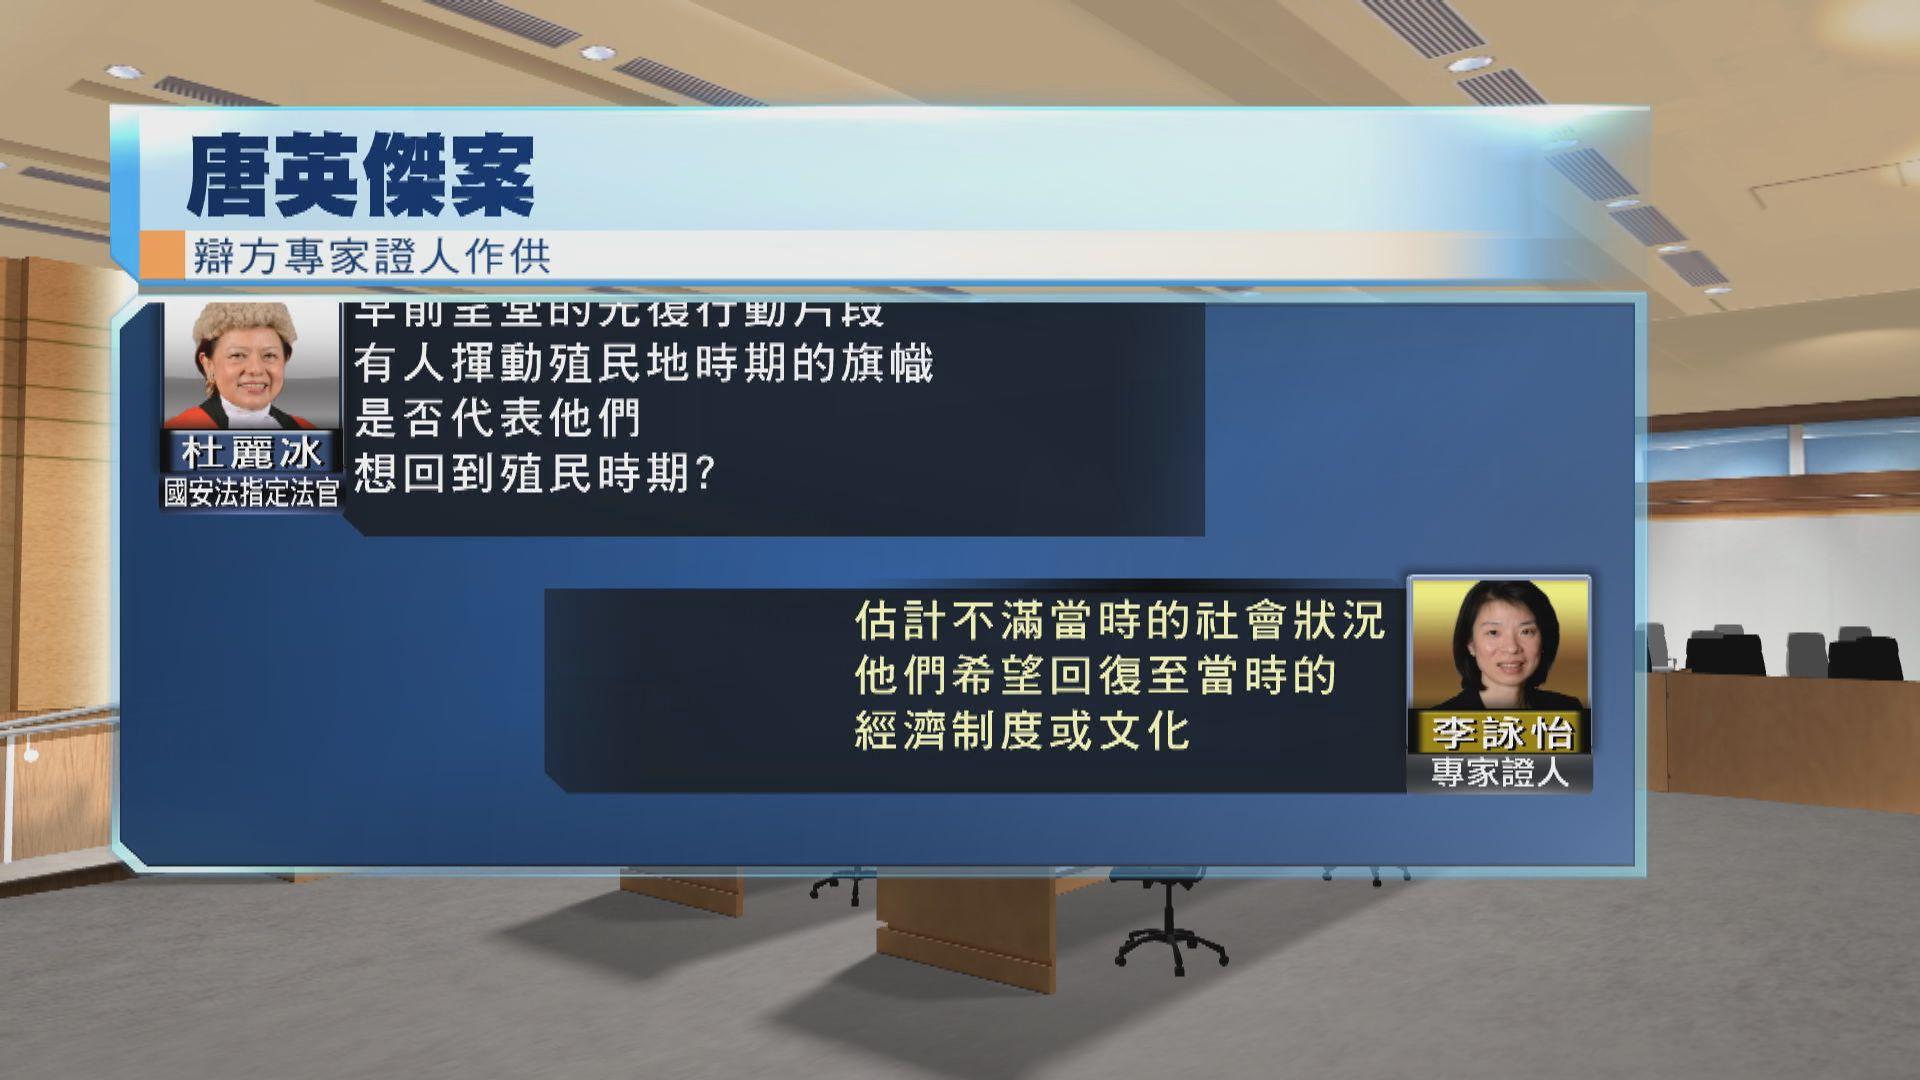 李詠怡:光復行動口號反映恢復社區秩序非推翻政權